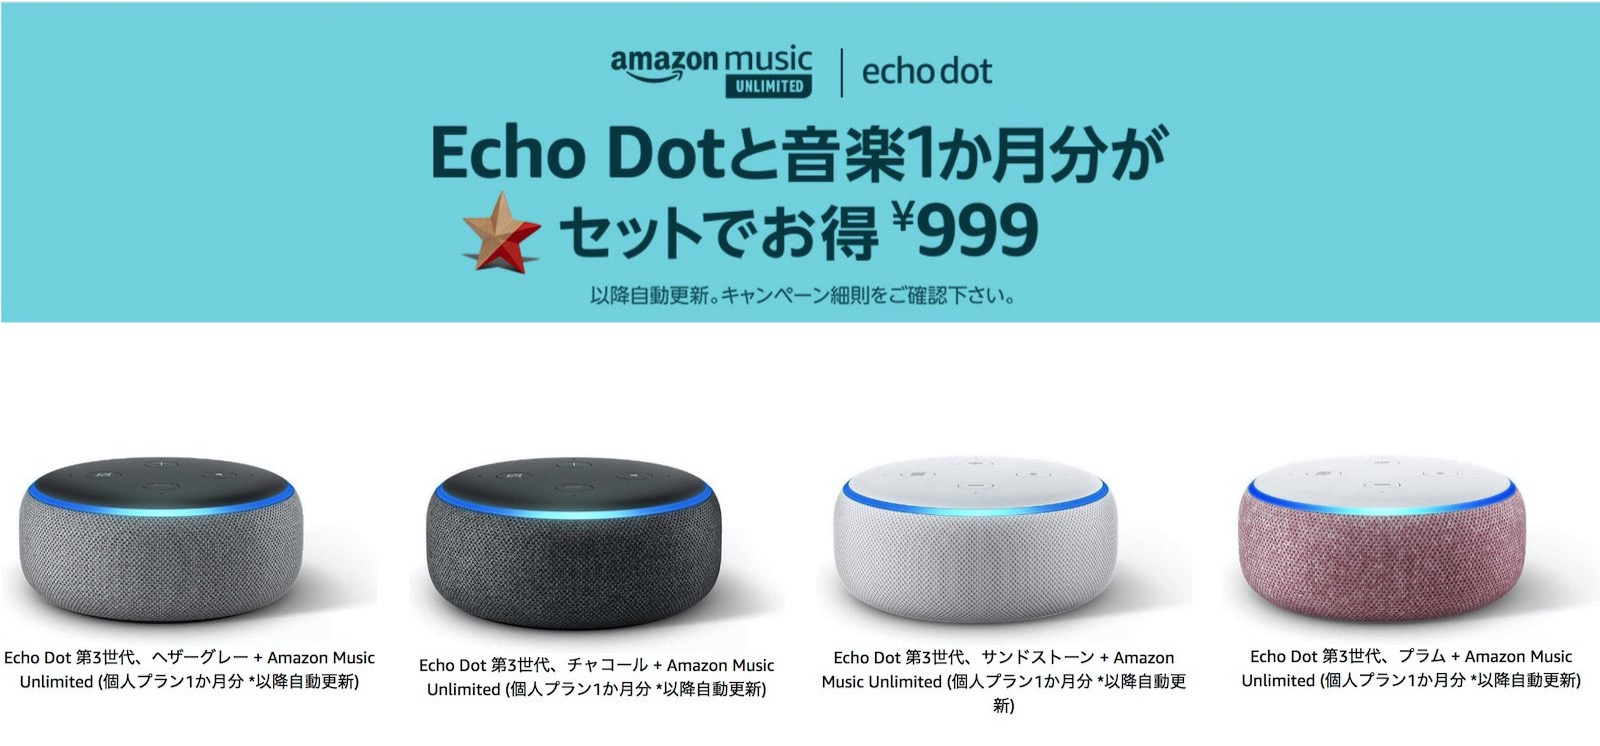 Amazon echo dot 999yen sale